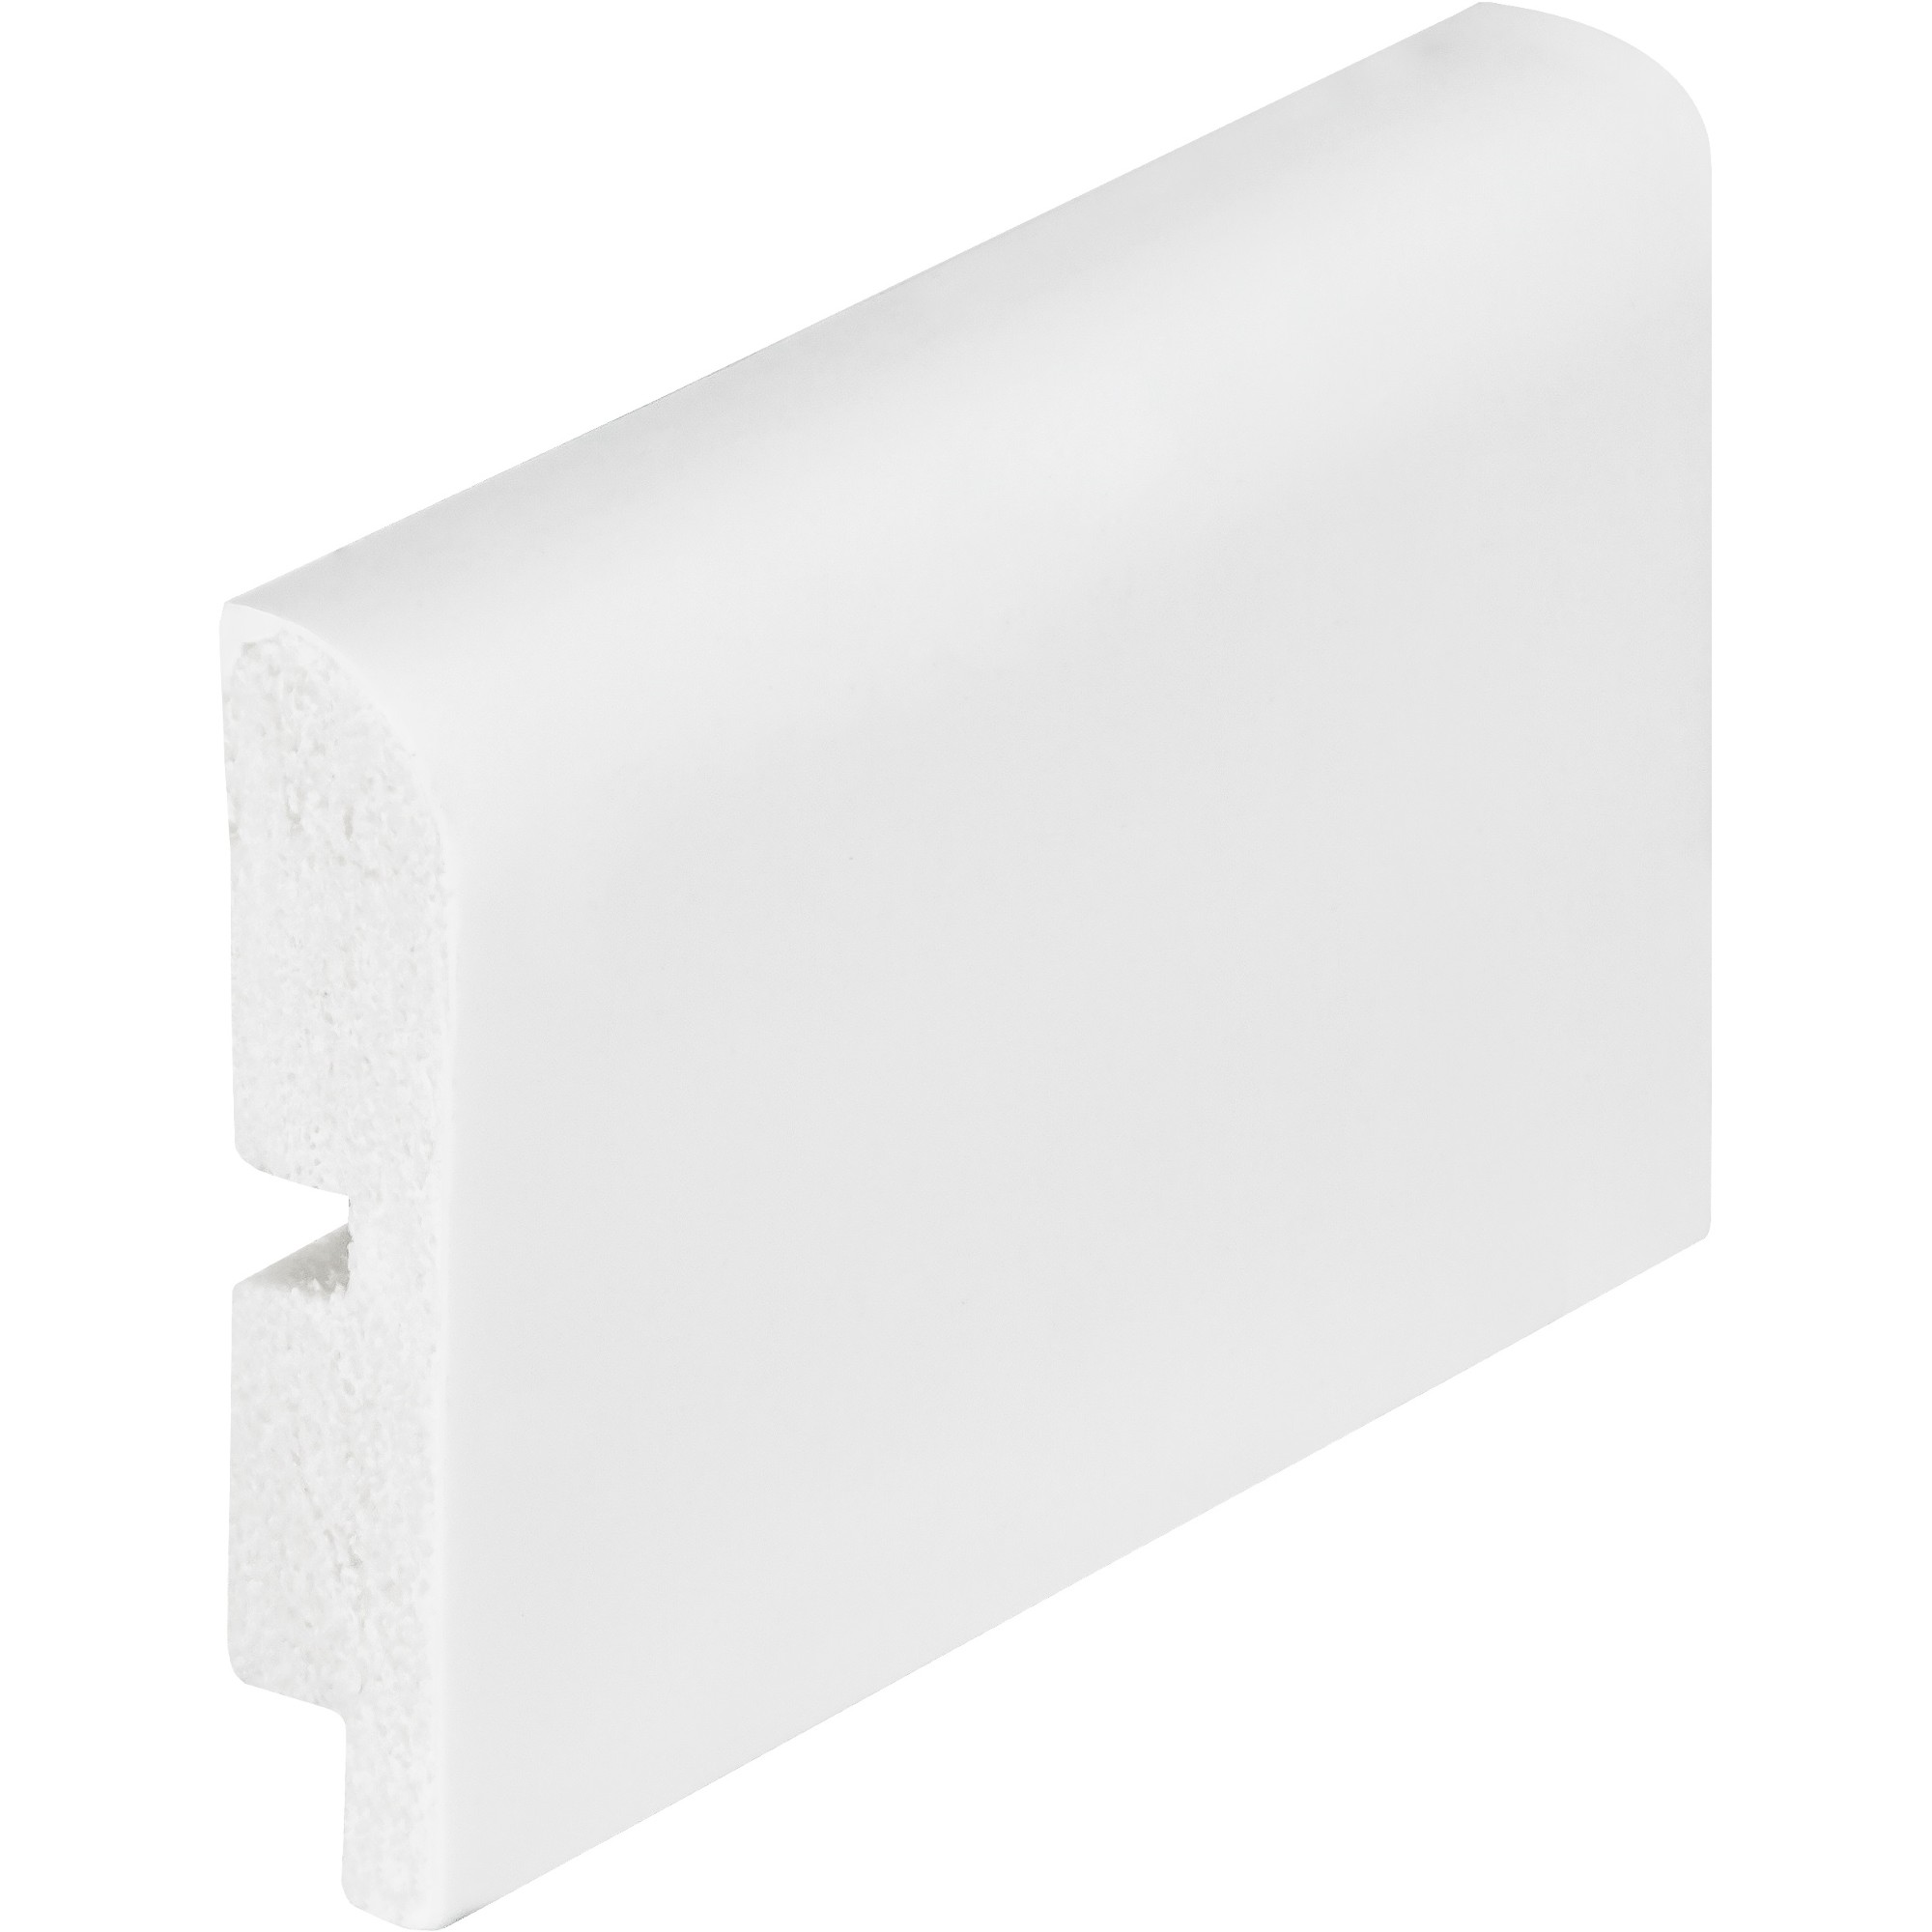 Rodape Branco Liso 7x240cm em Poliestireno - Arquitech